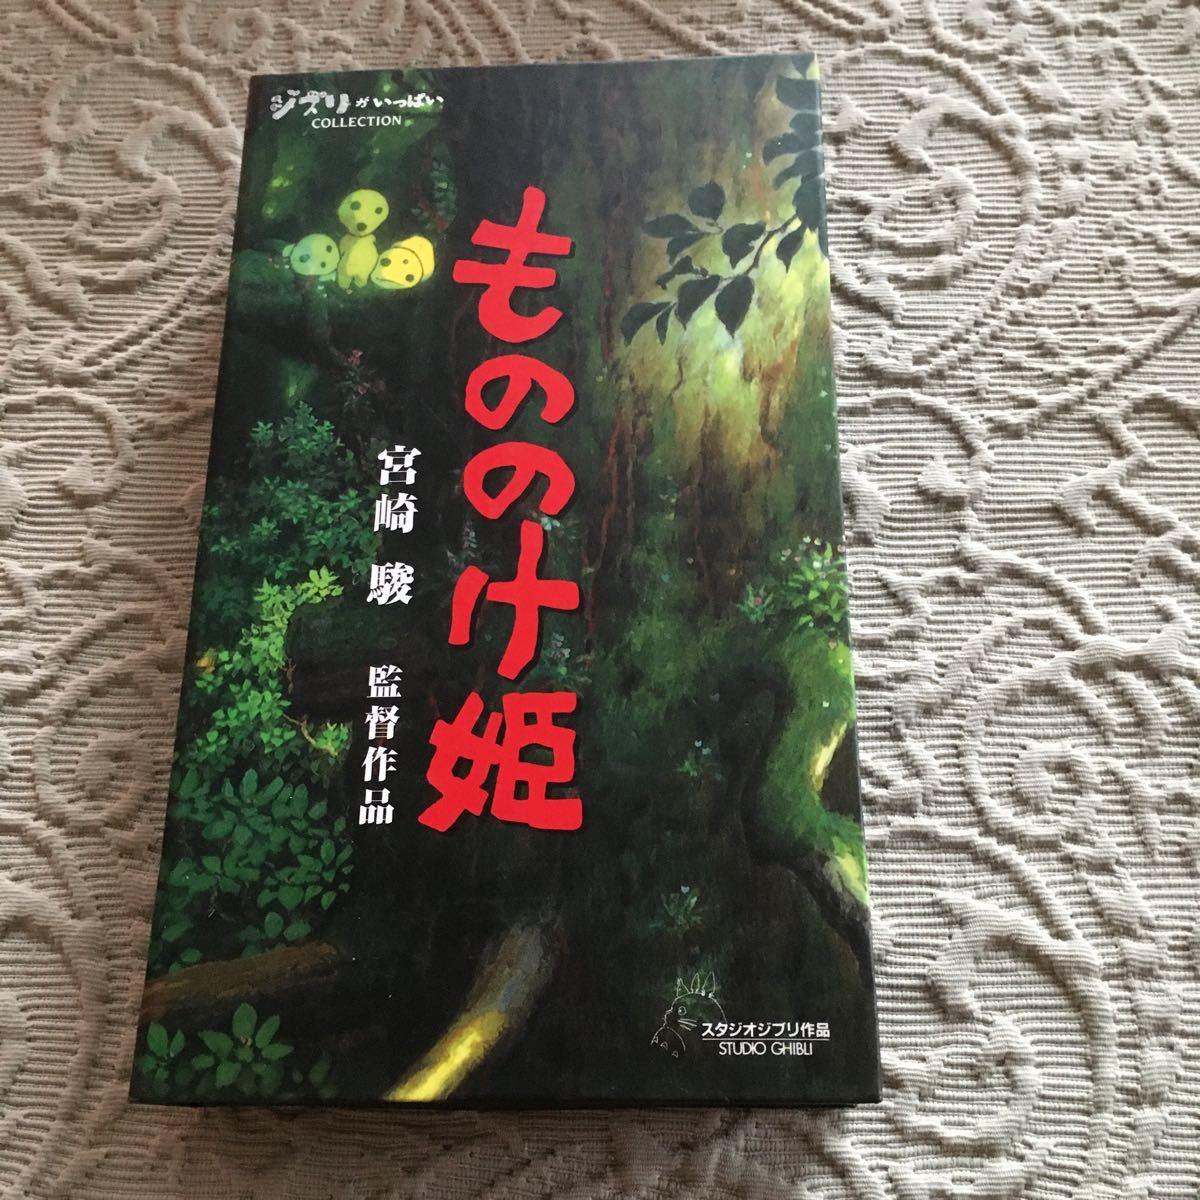 【絶版】ビデオ/宮崎駿監督 ジブリがいっぱい/スタジオジブリ VHS もののけ姫